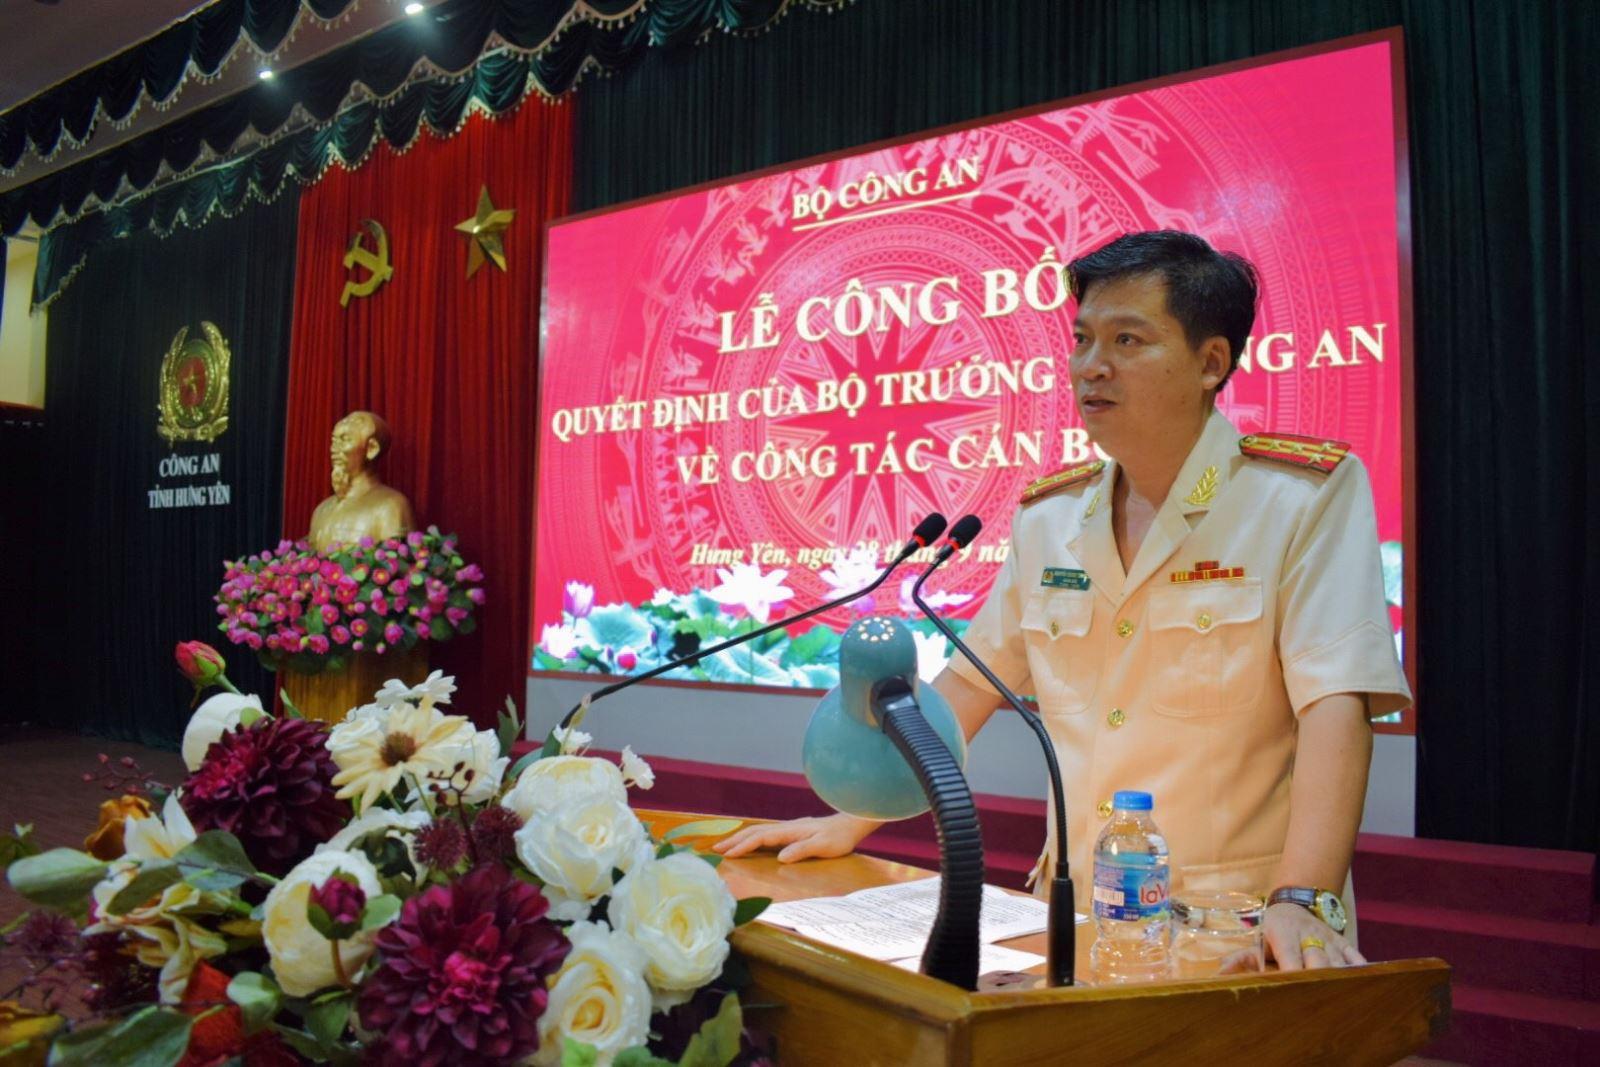 Giám đốc Công an Thái Bình được điều động, bổ nhiệm giữ chức Giám đốc Công an Hưng Yên - Ảnh 1.